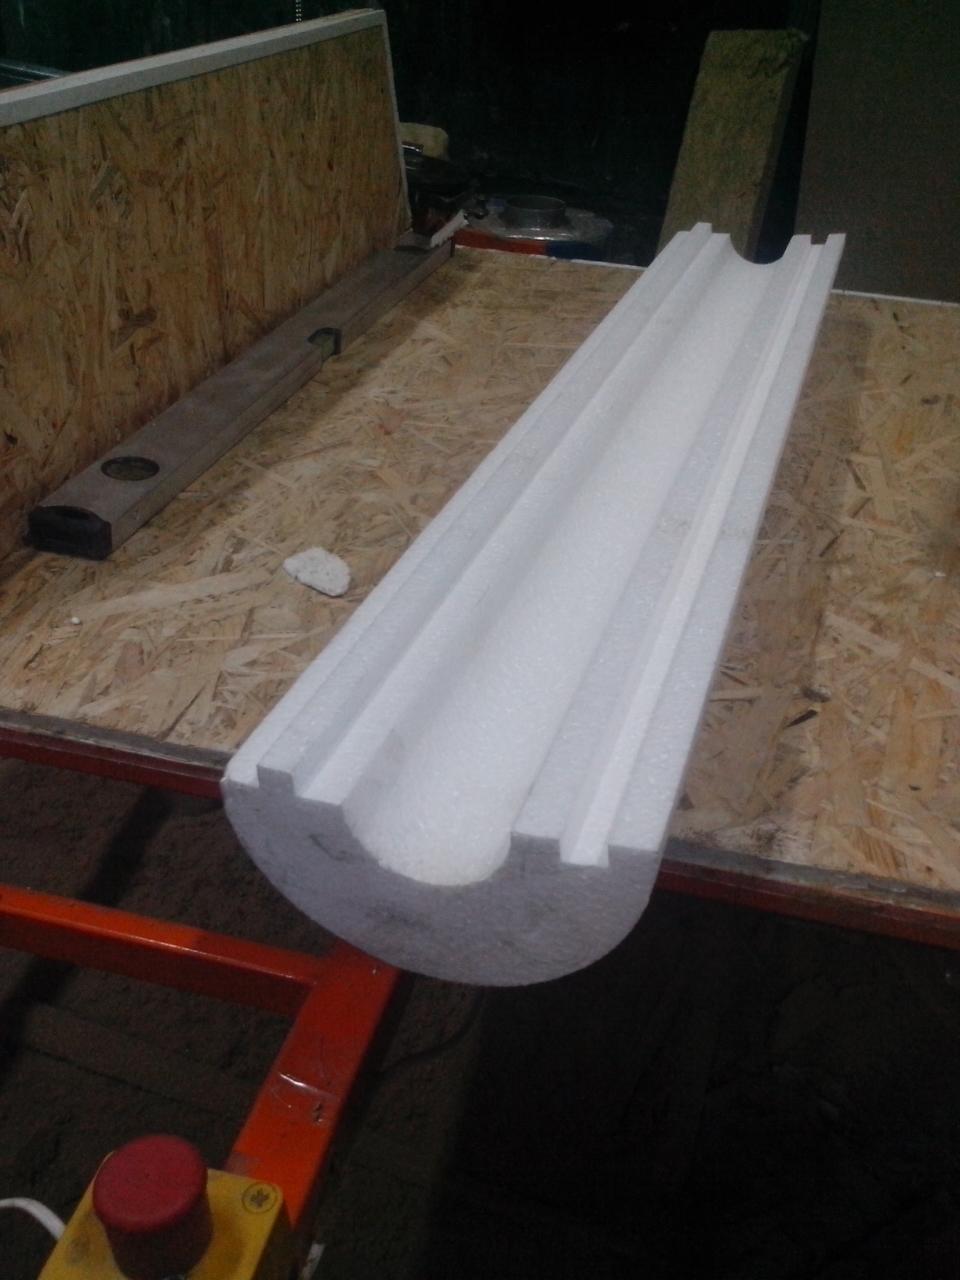 Утеплитель из пенопласта (пенополистирола) для труб Ø 127 мм толщиной 60 мм